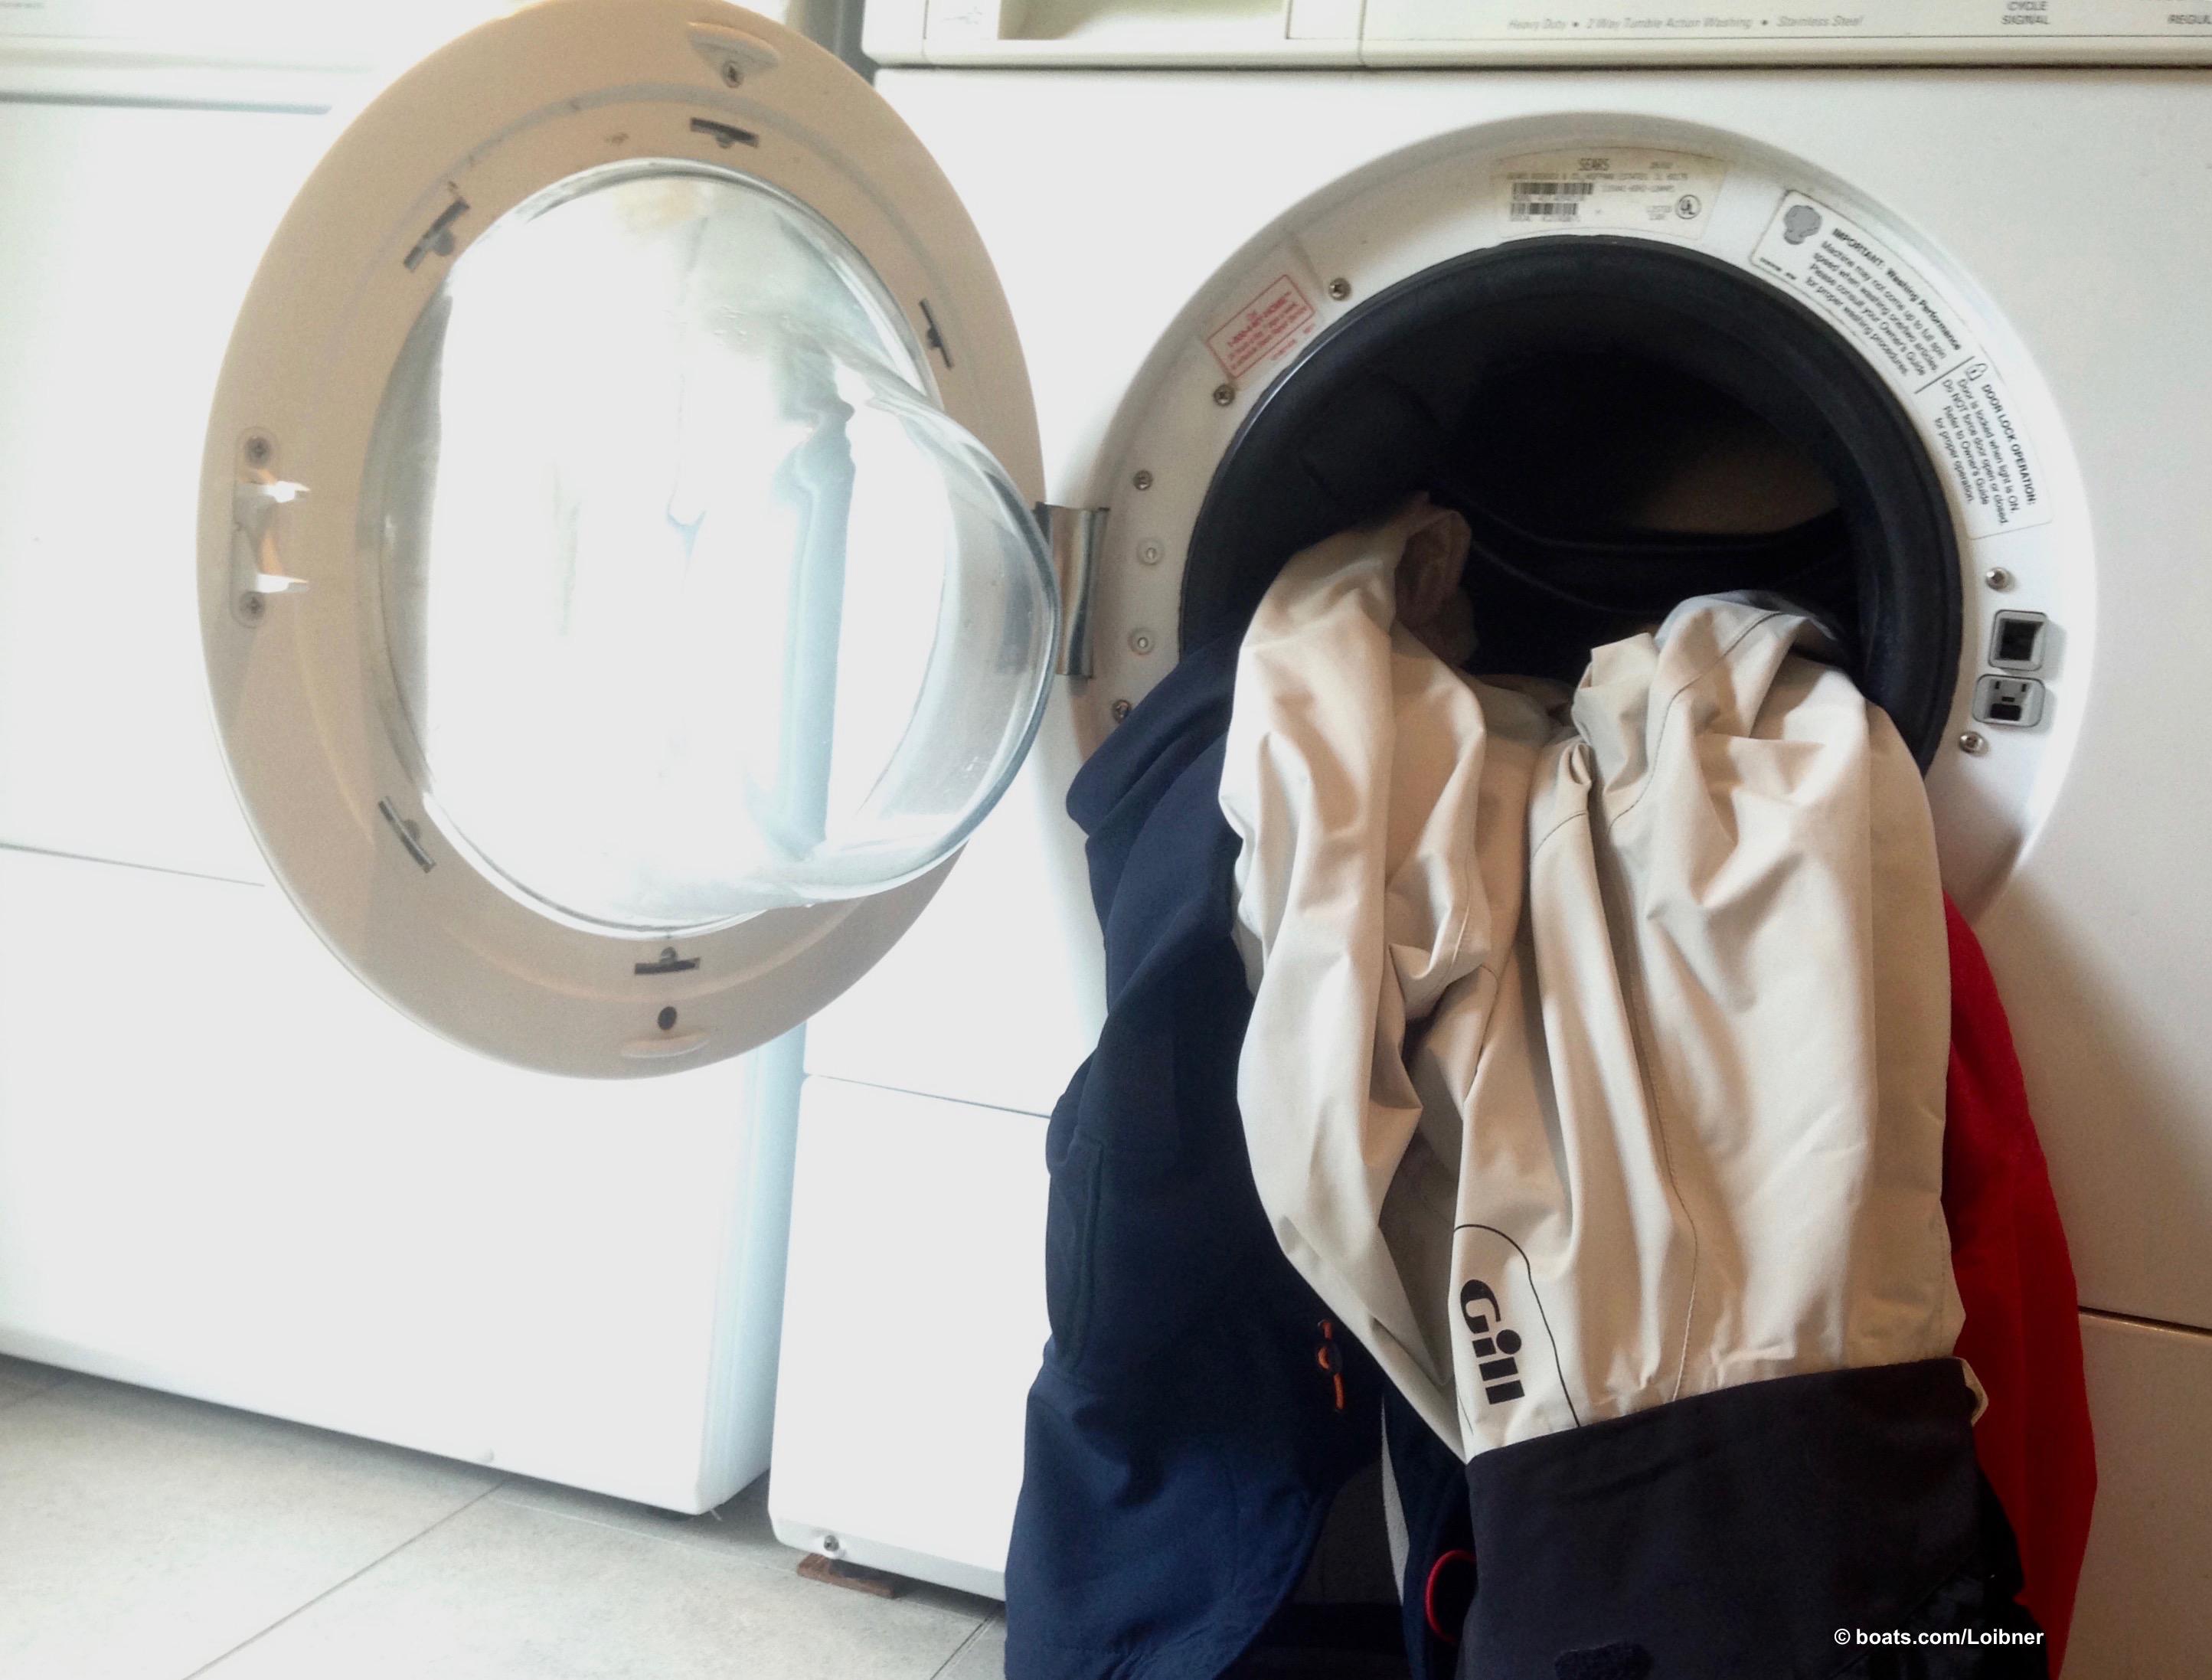 Vor dem einwintern: Waschen Sie Ihr Ölzeug entsprechend den Empfehlungen des Herstellers bevor Sie es gut getrocknet in den Schrank hängen. Foto: boats.com/Loibner